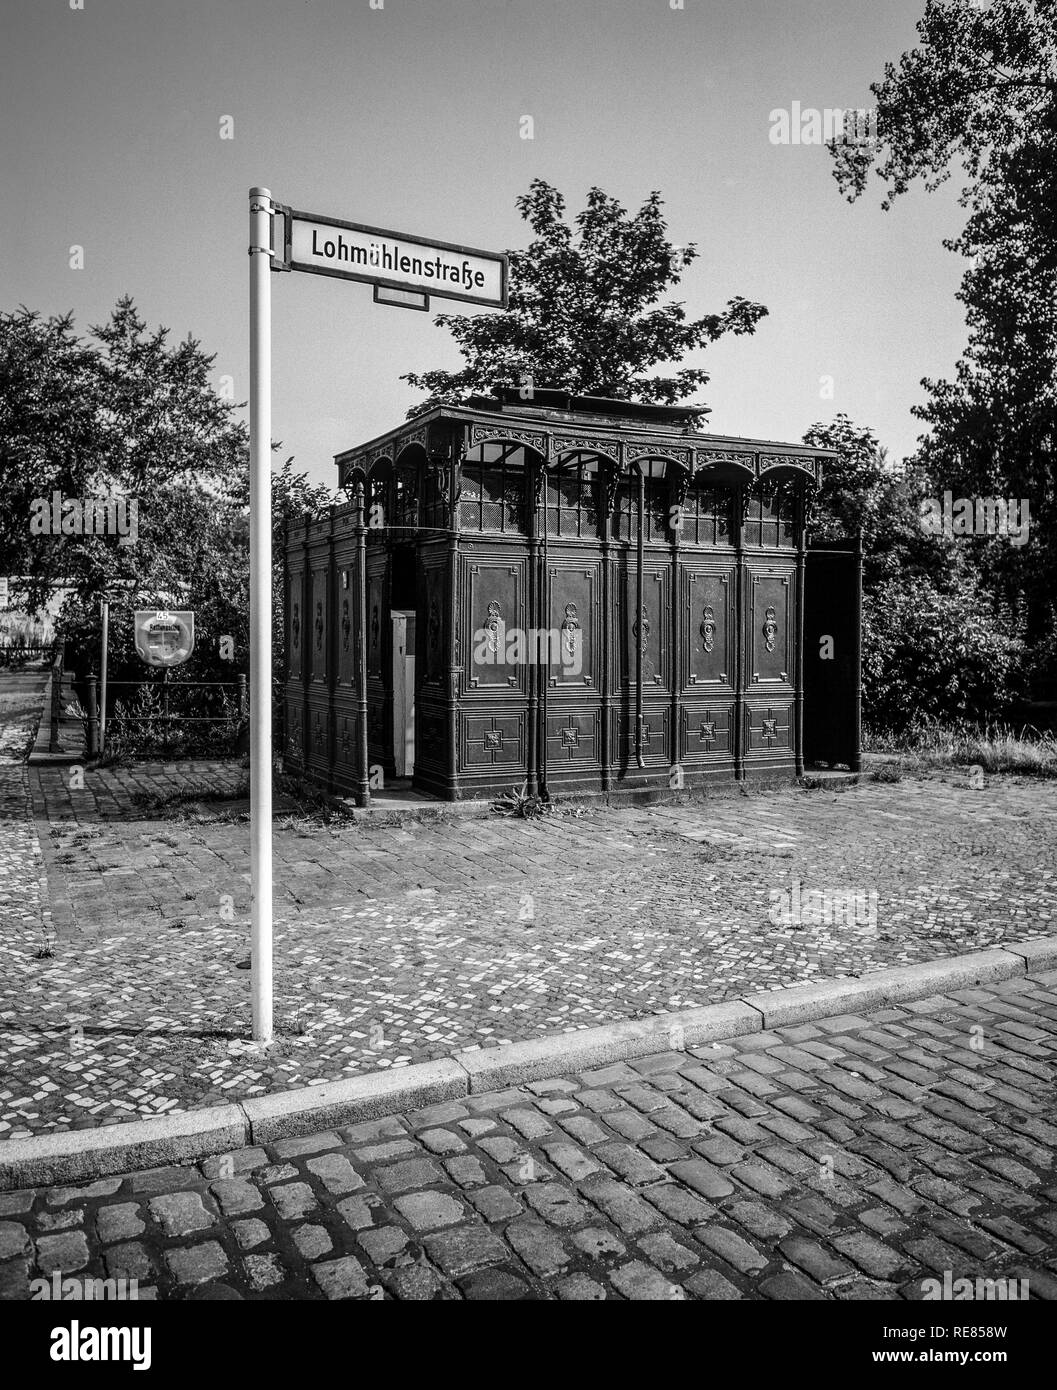 Agosto de 1986, el antiguo baño público 1899, calle Lohmühlenstrasse signo, Treptow, Berlín occidental, Alemania, Europa, Imagen De Stock